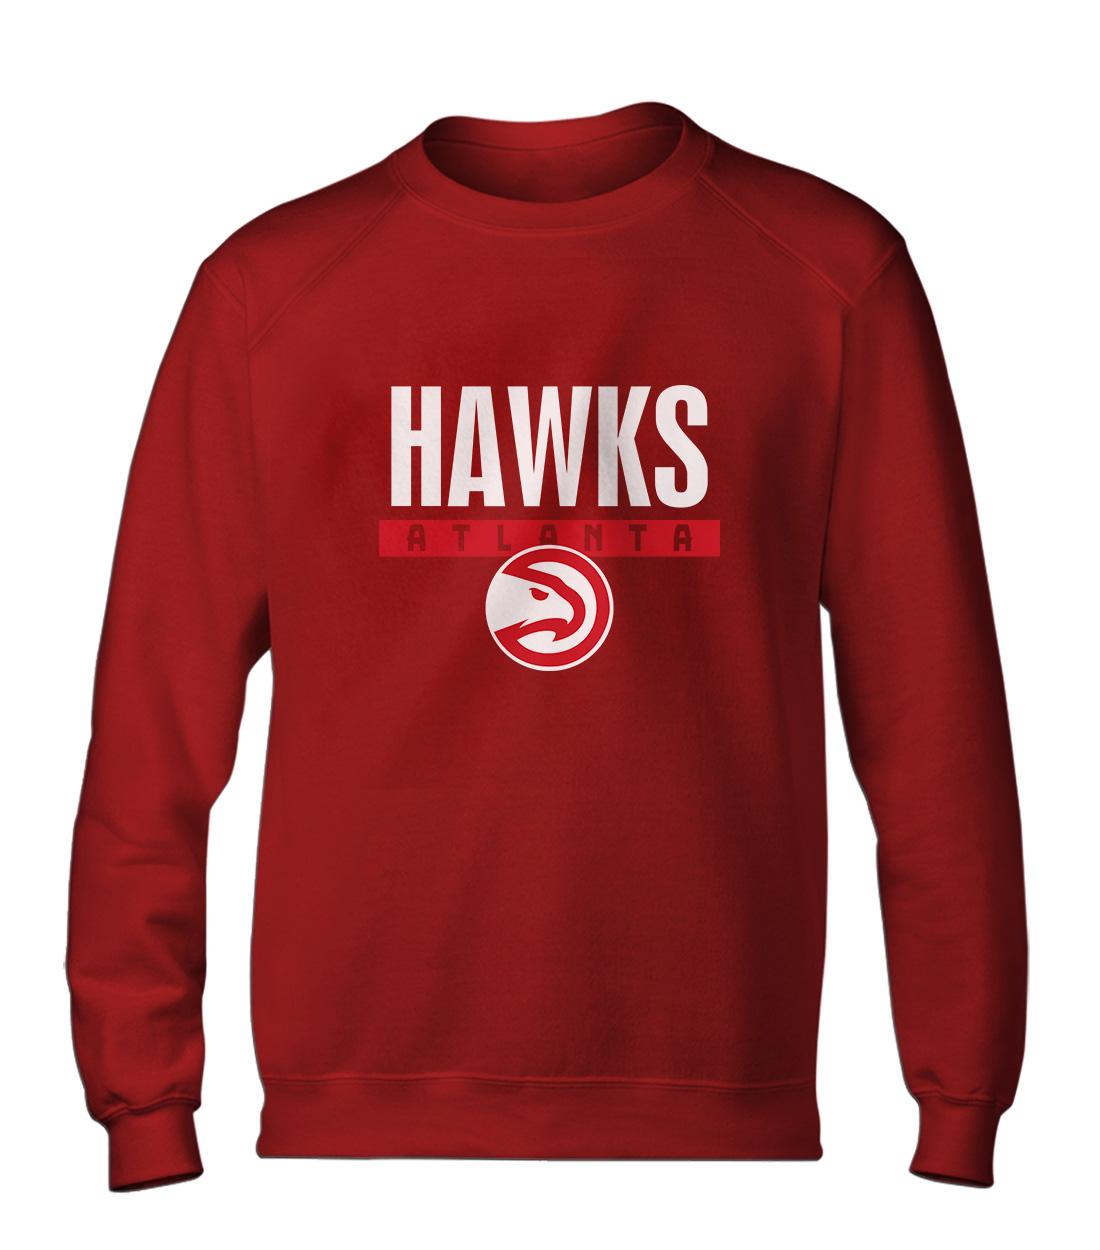 Atlanta Hawks Basic (BSC-RED-NP-19-NBA-ATL-HAWKS)